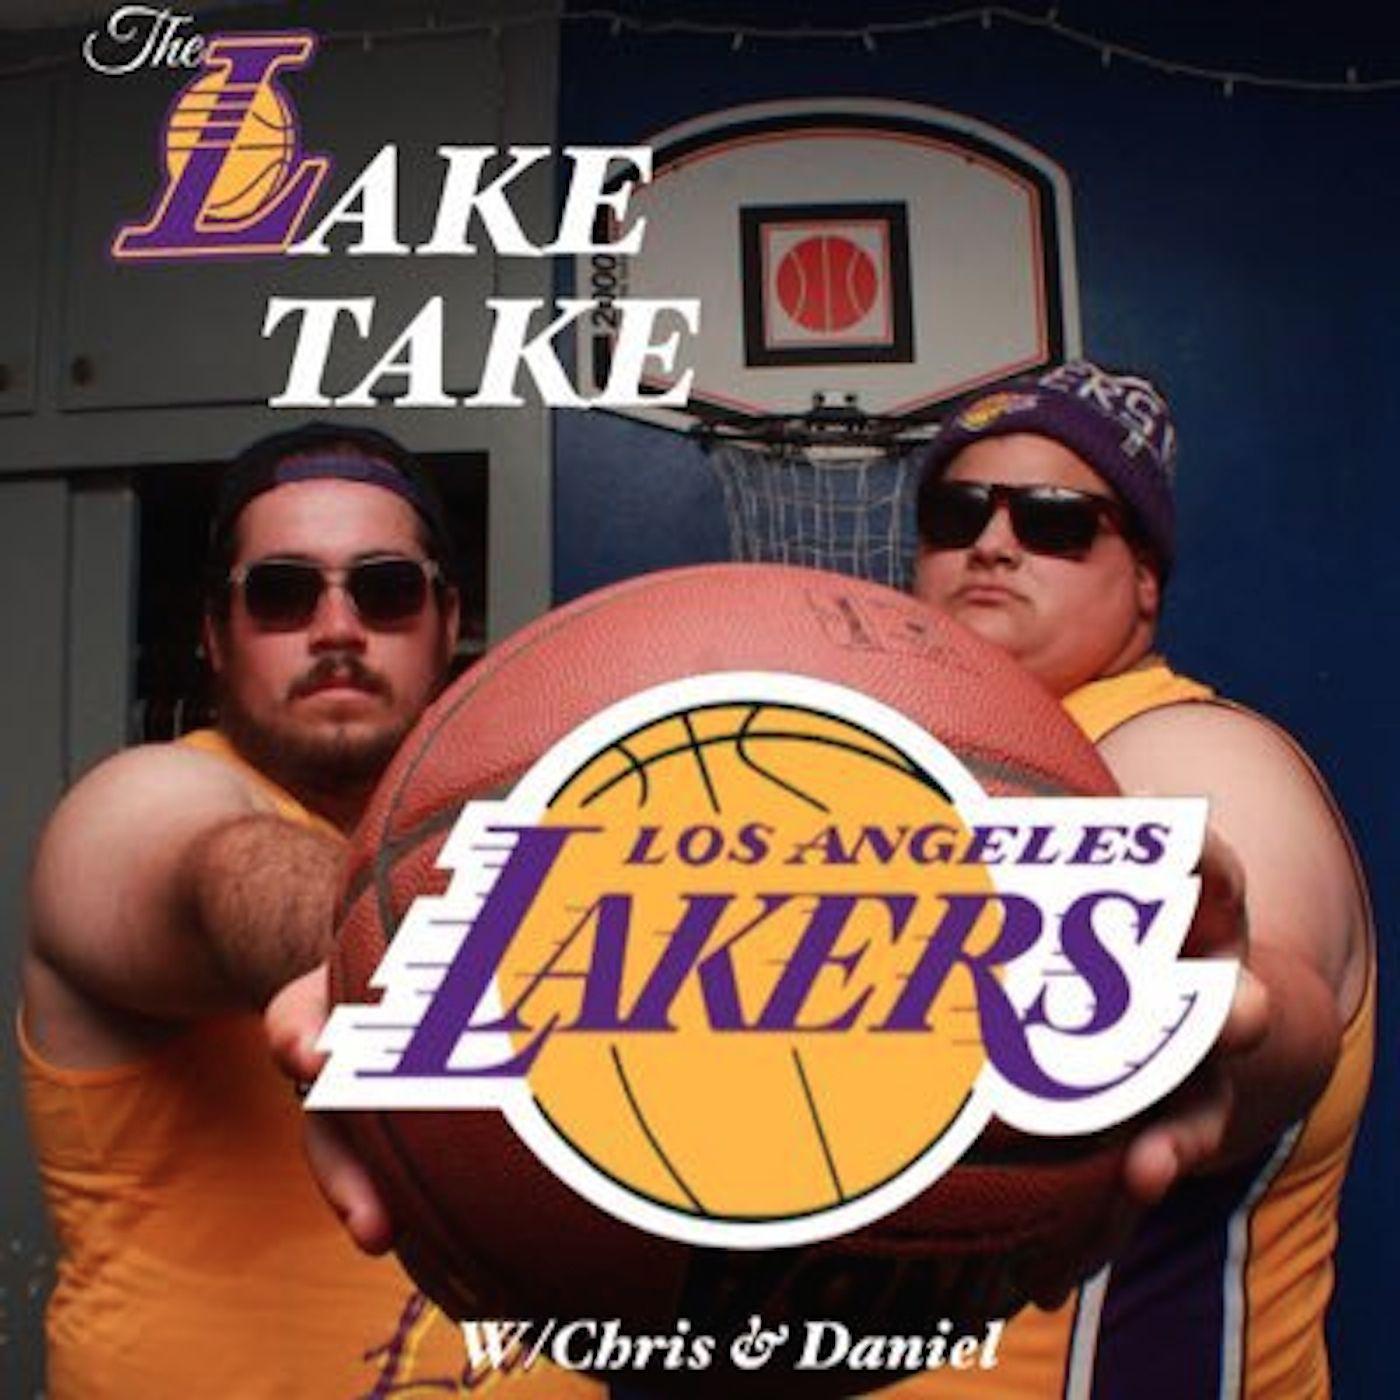 The Lake Take